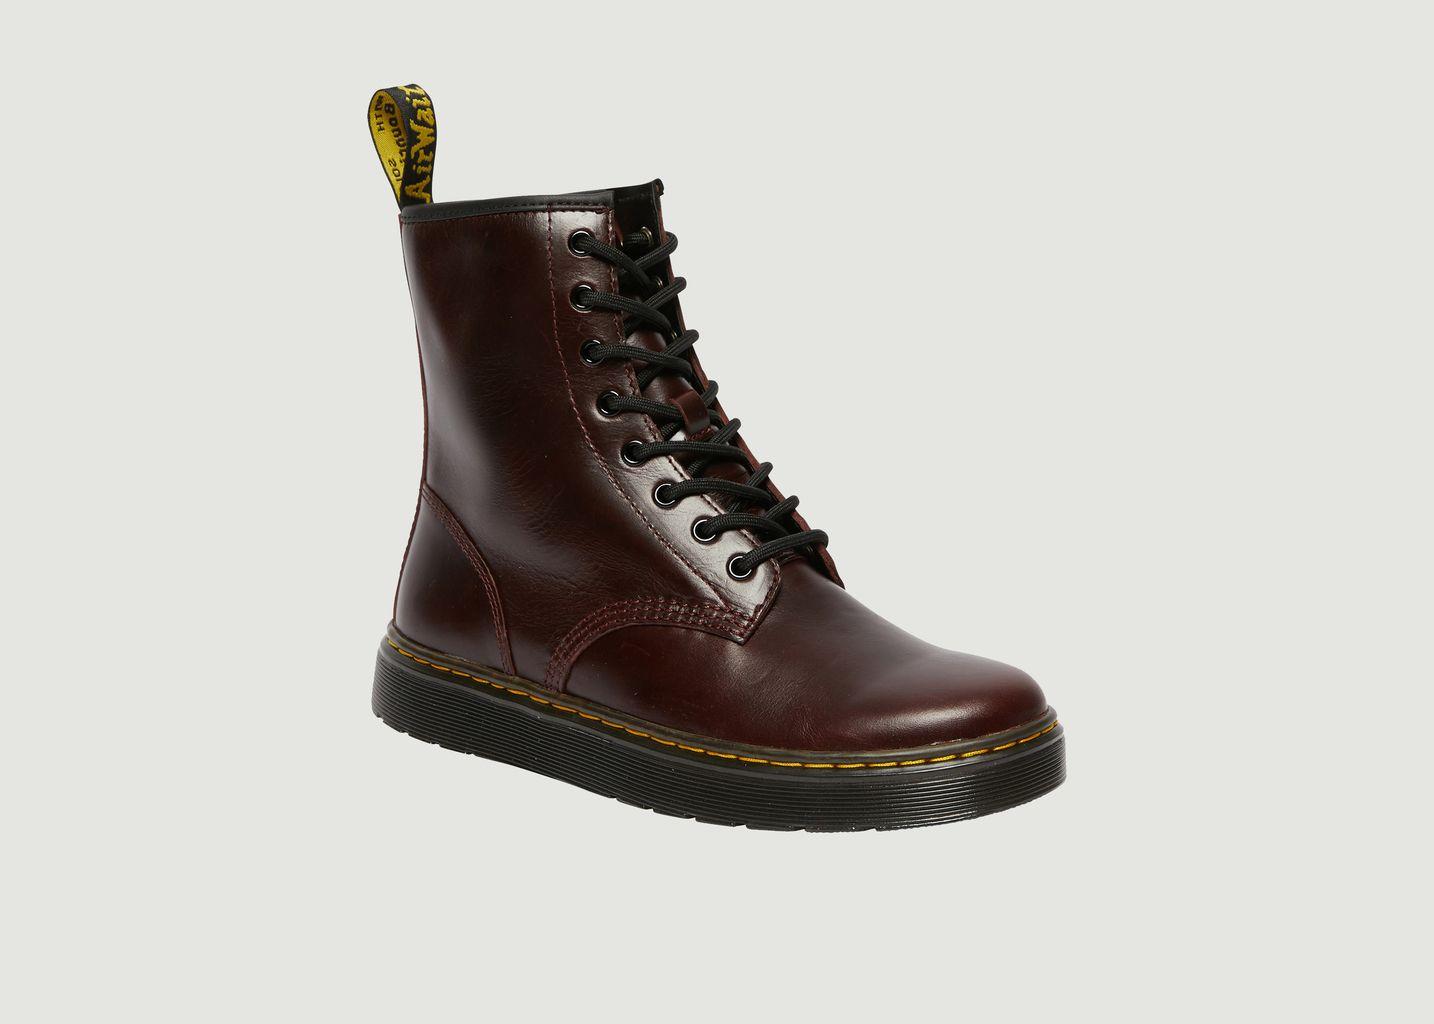 Boots en cuir 1460 Talib - Dr. Martens